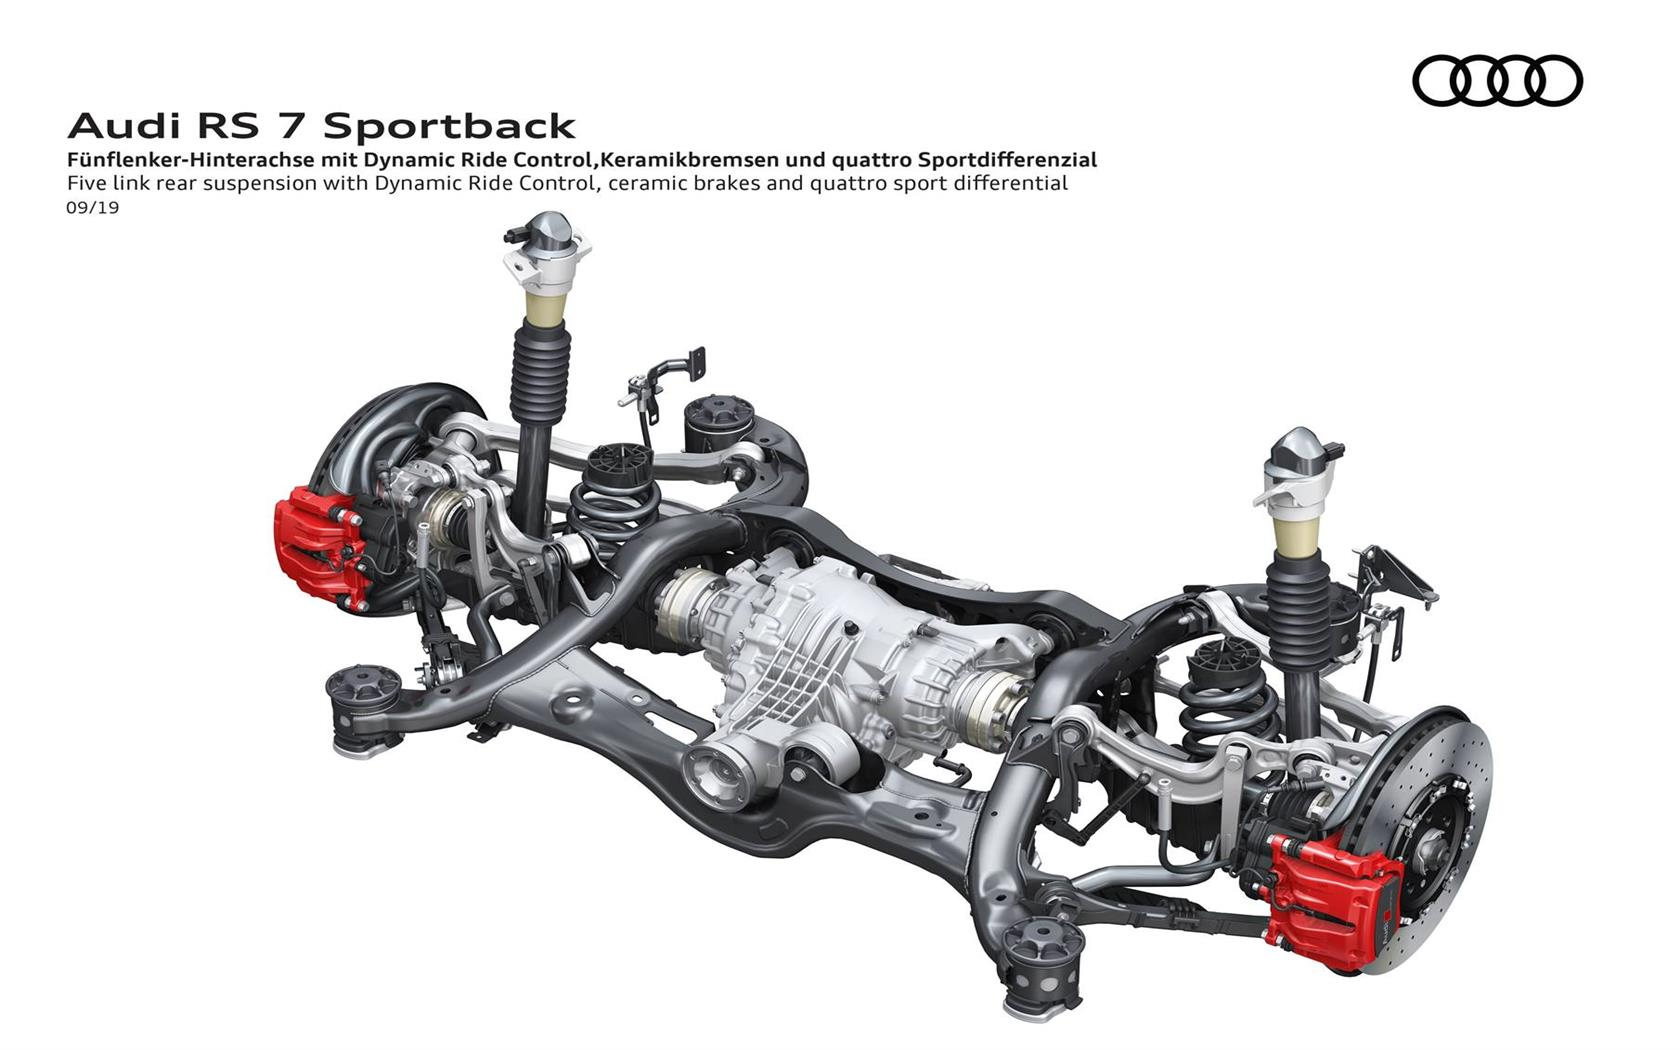 2020 Audi RS 7